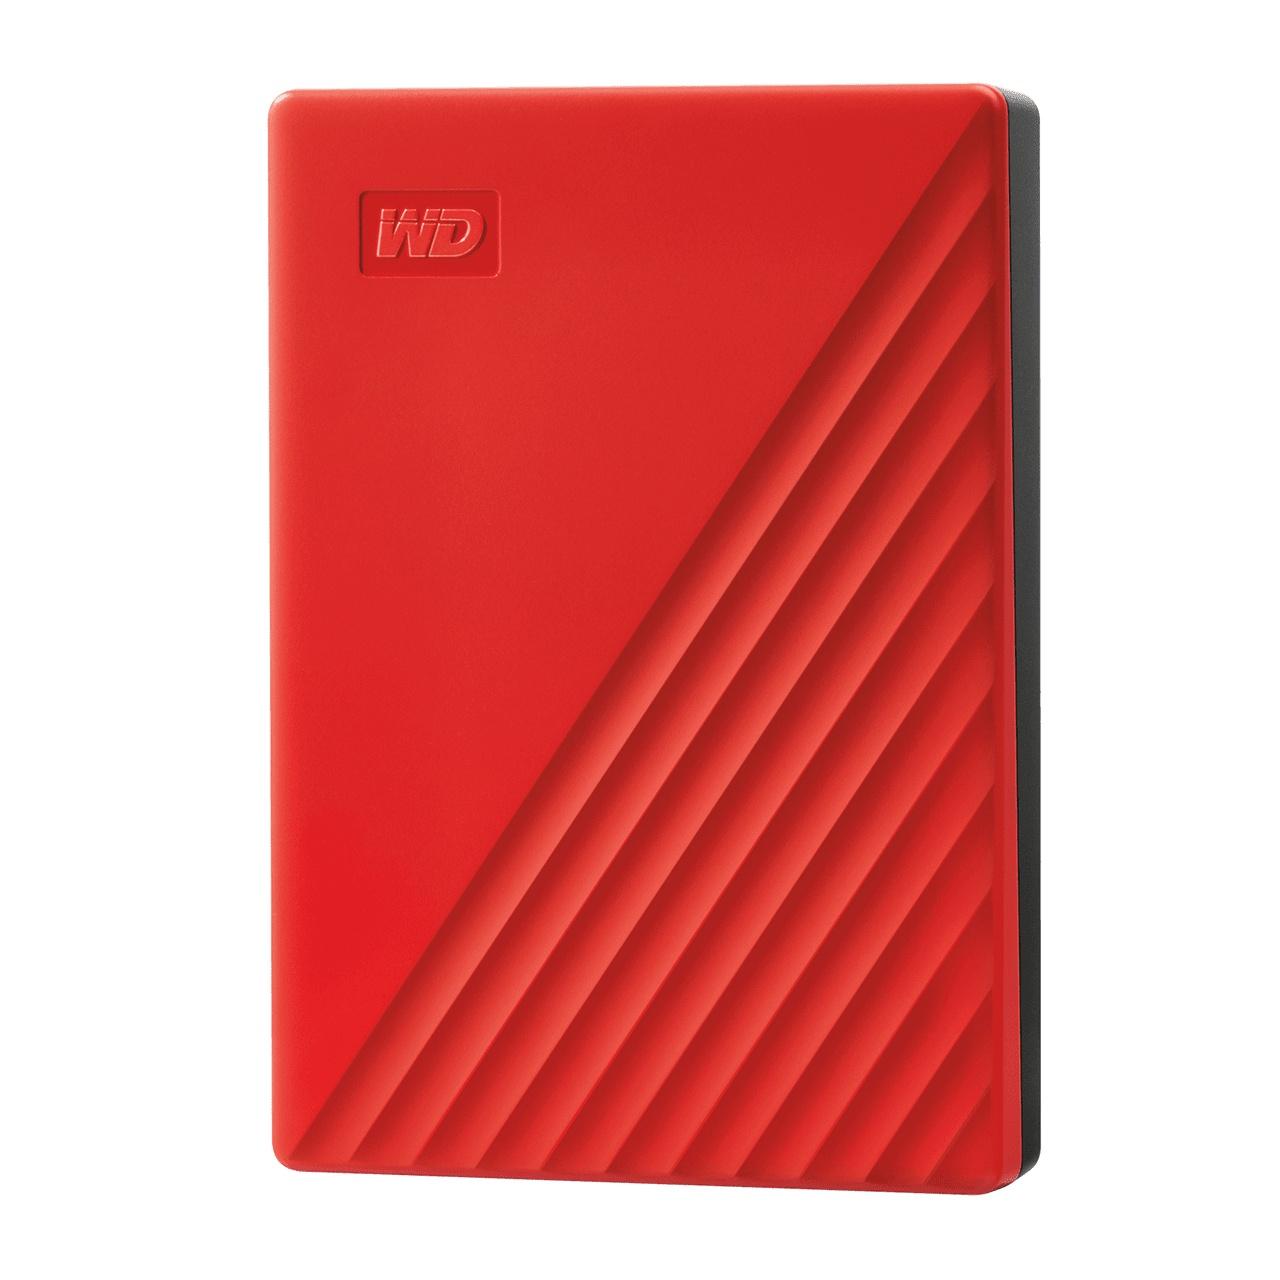 WD 마이 패스포트 모바일 드라이브 USB 3.0 외장하드 2.5인치, Red, 5TB